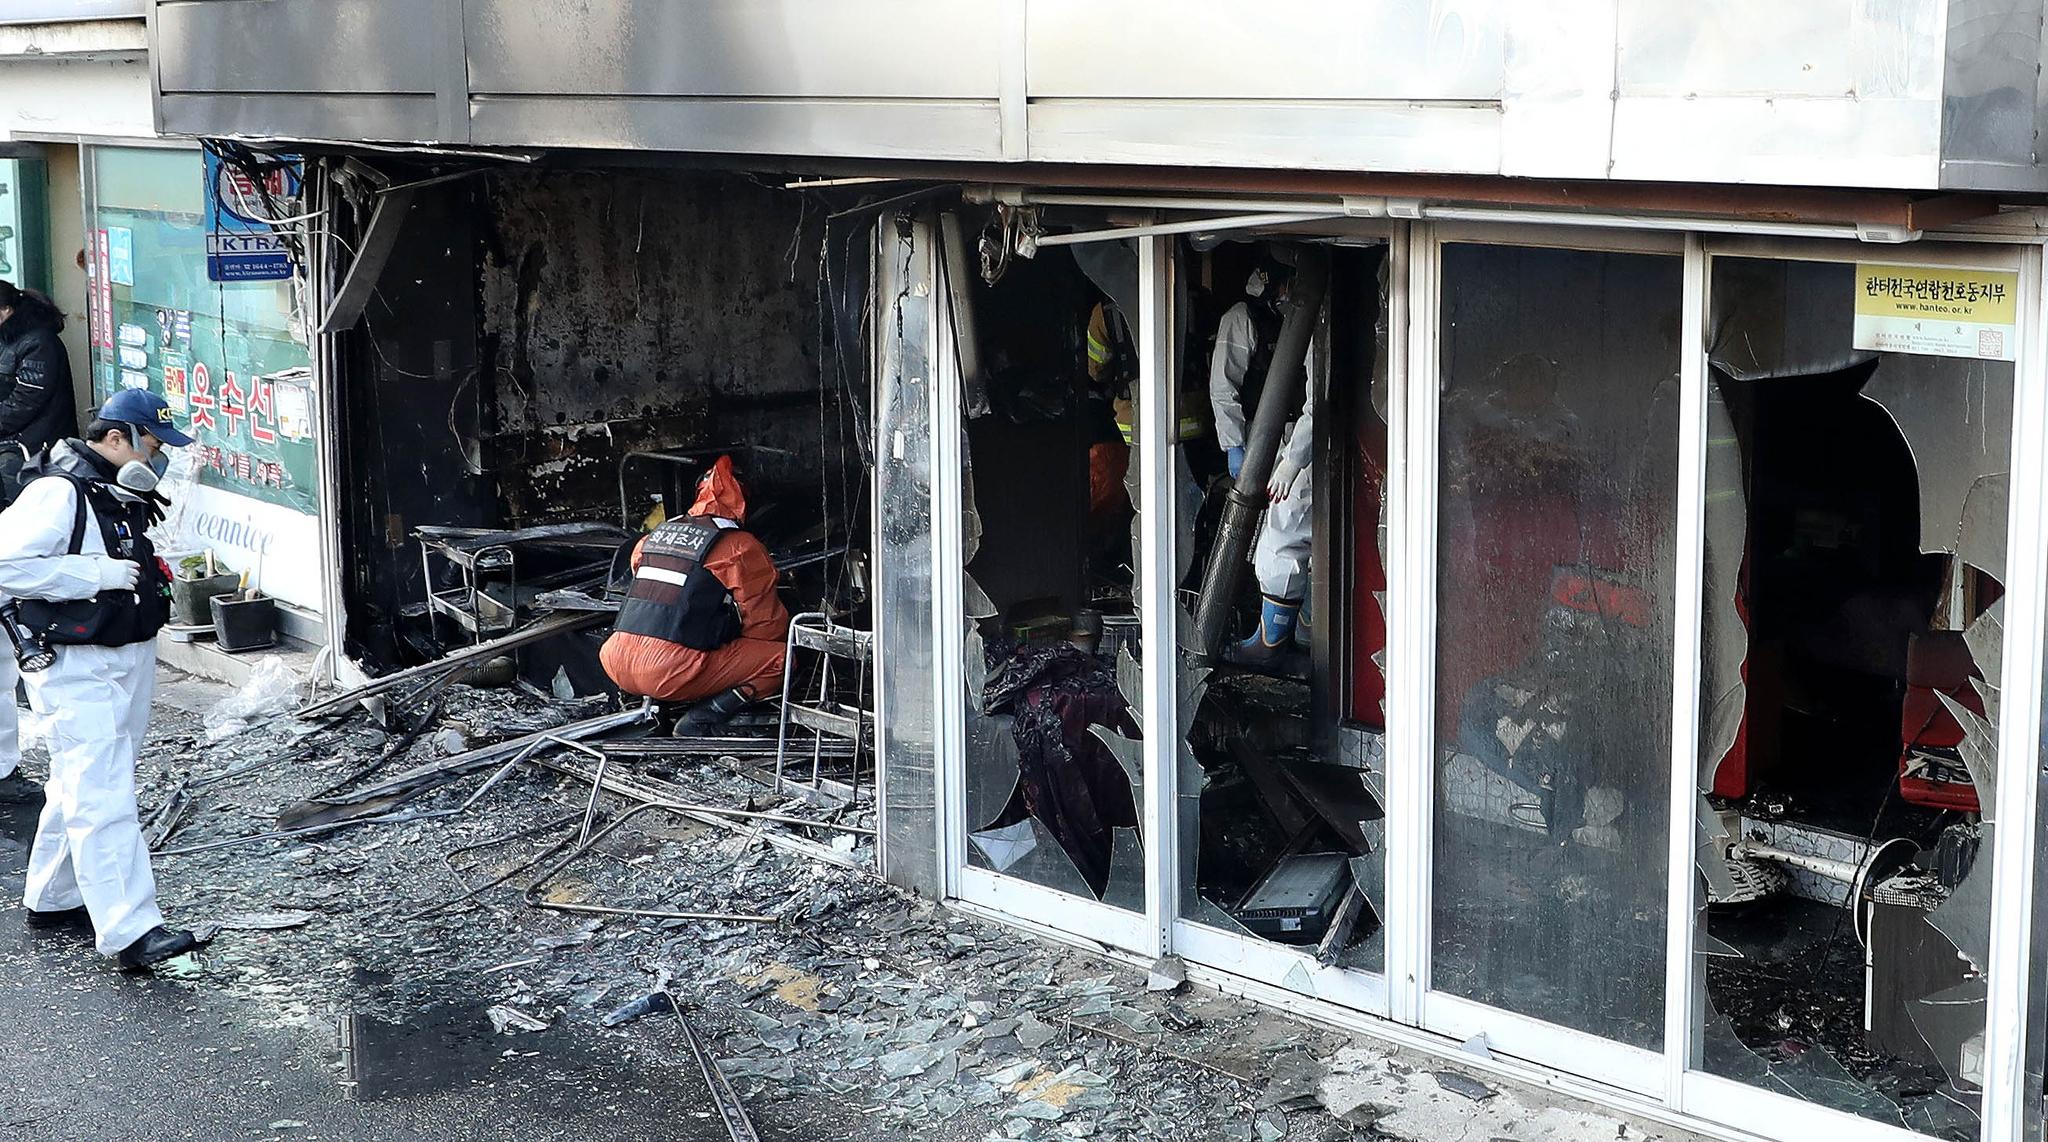 지난해 12월 22일 서울 천호동 성매매 집결지에서 3명이 숨지고 3명이 부상을 입는 화재가 발생했다. 경찰 과학수사대와 소방 화재조사반이 함께 조사를 하고 있다. [뉴시스]